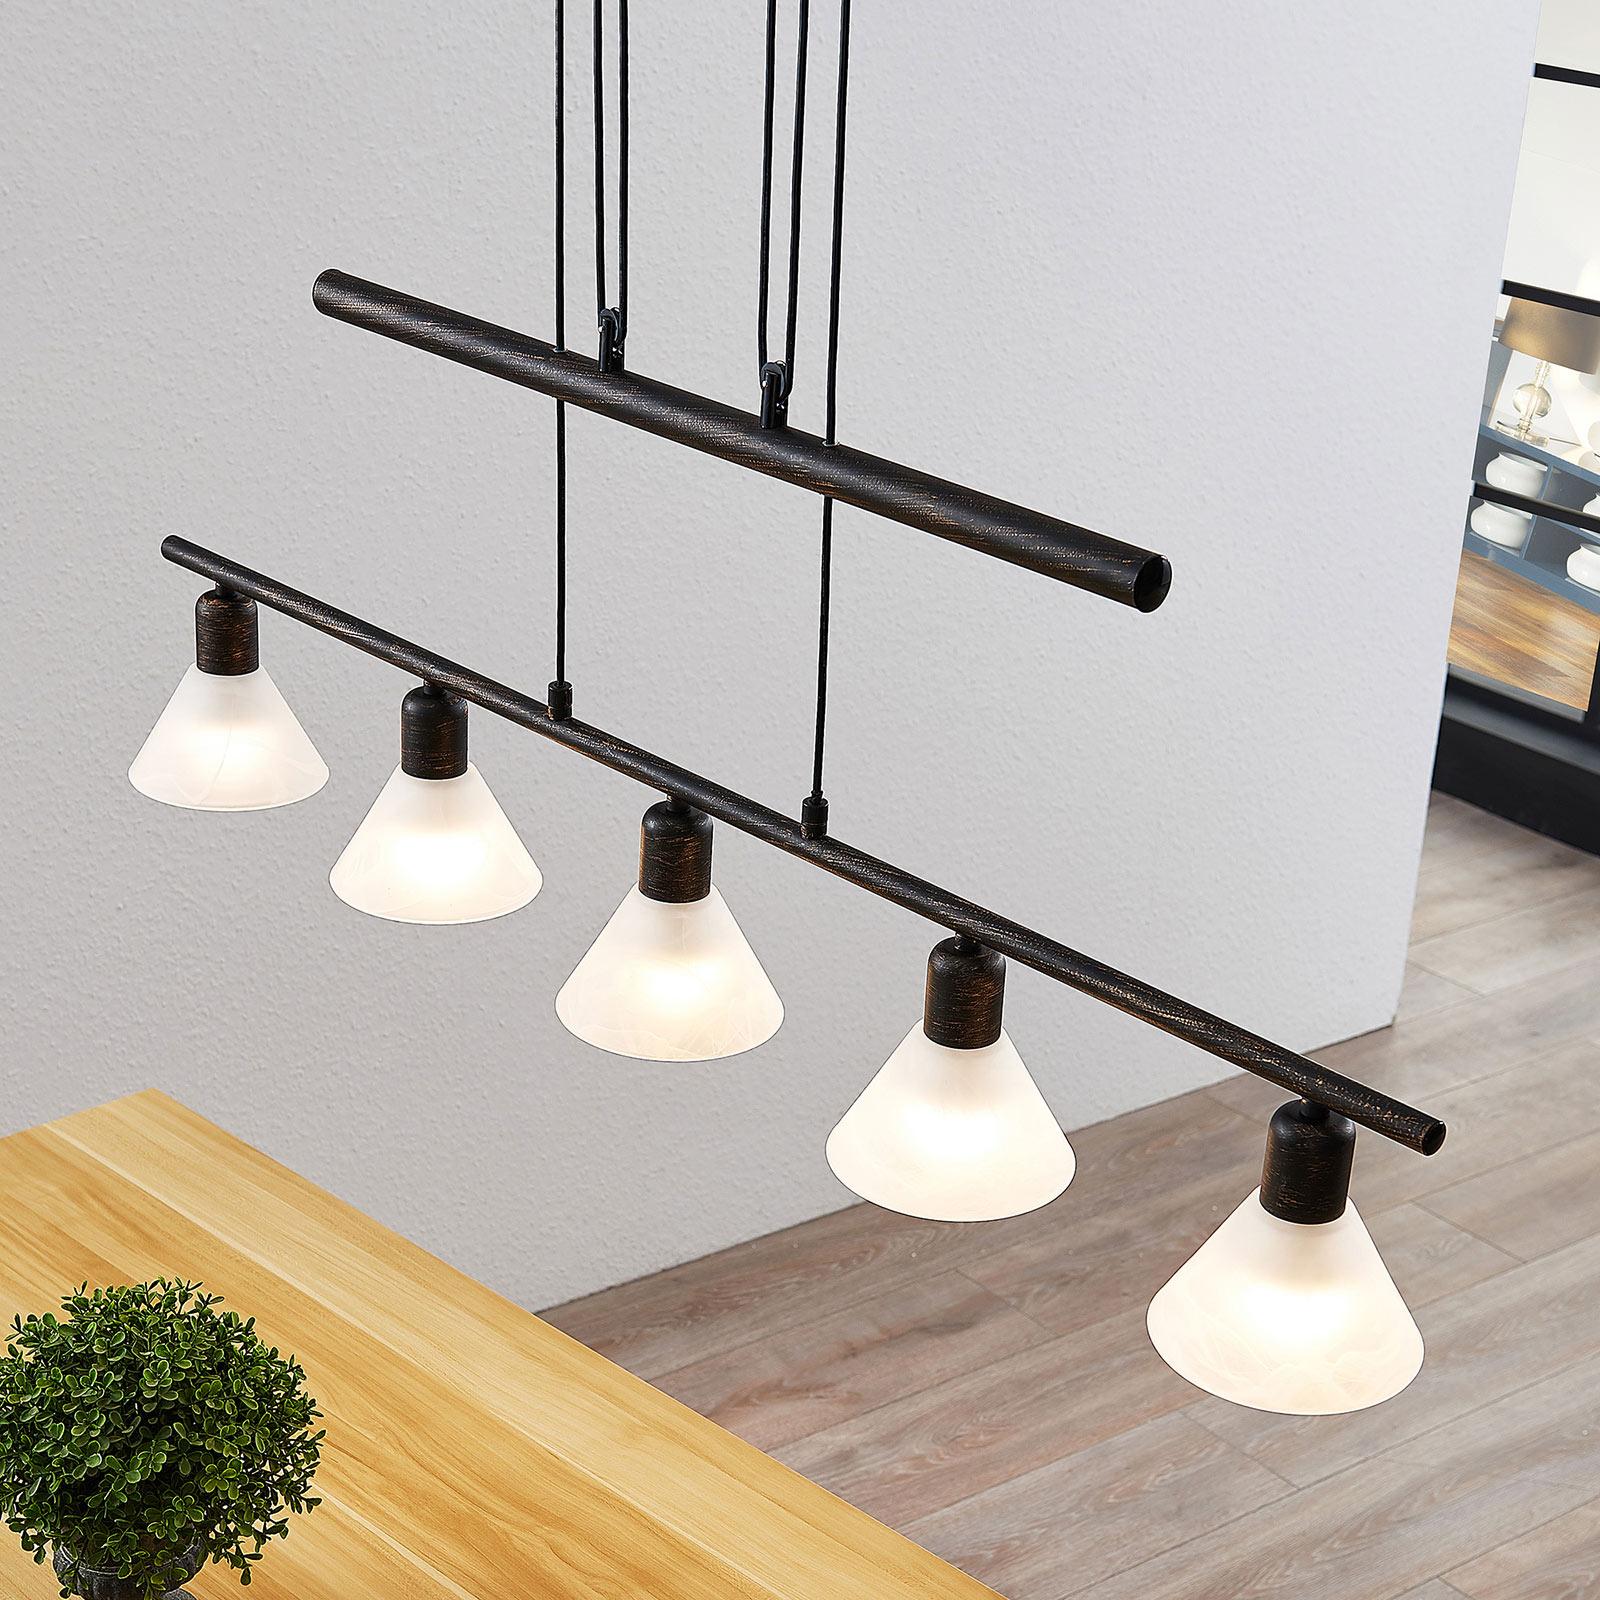 In ho verstelbare hanglamp Delira, 5 lampjes zwart